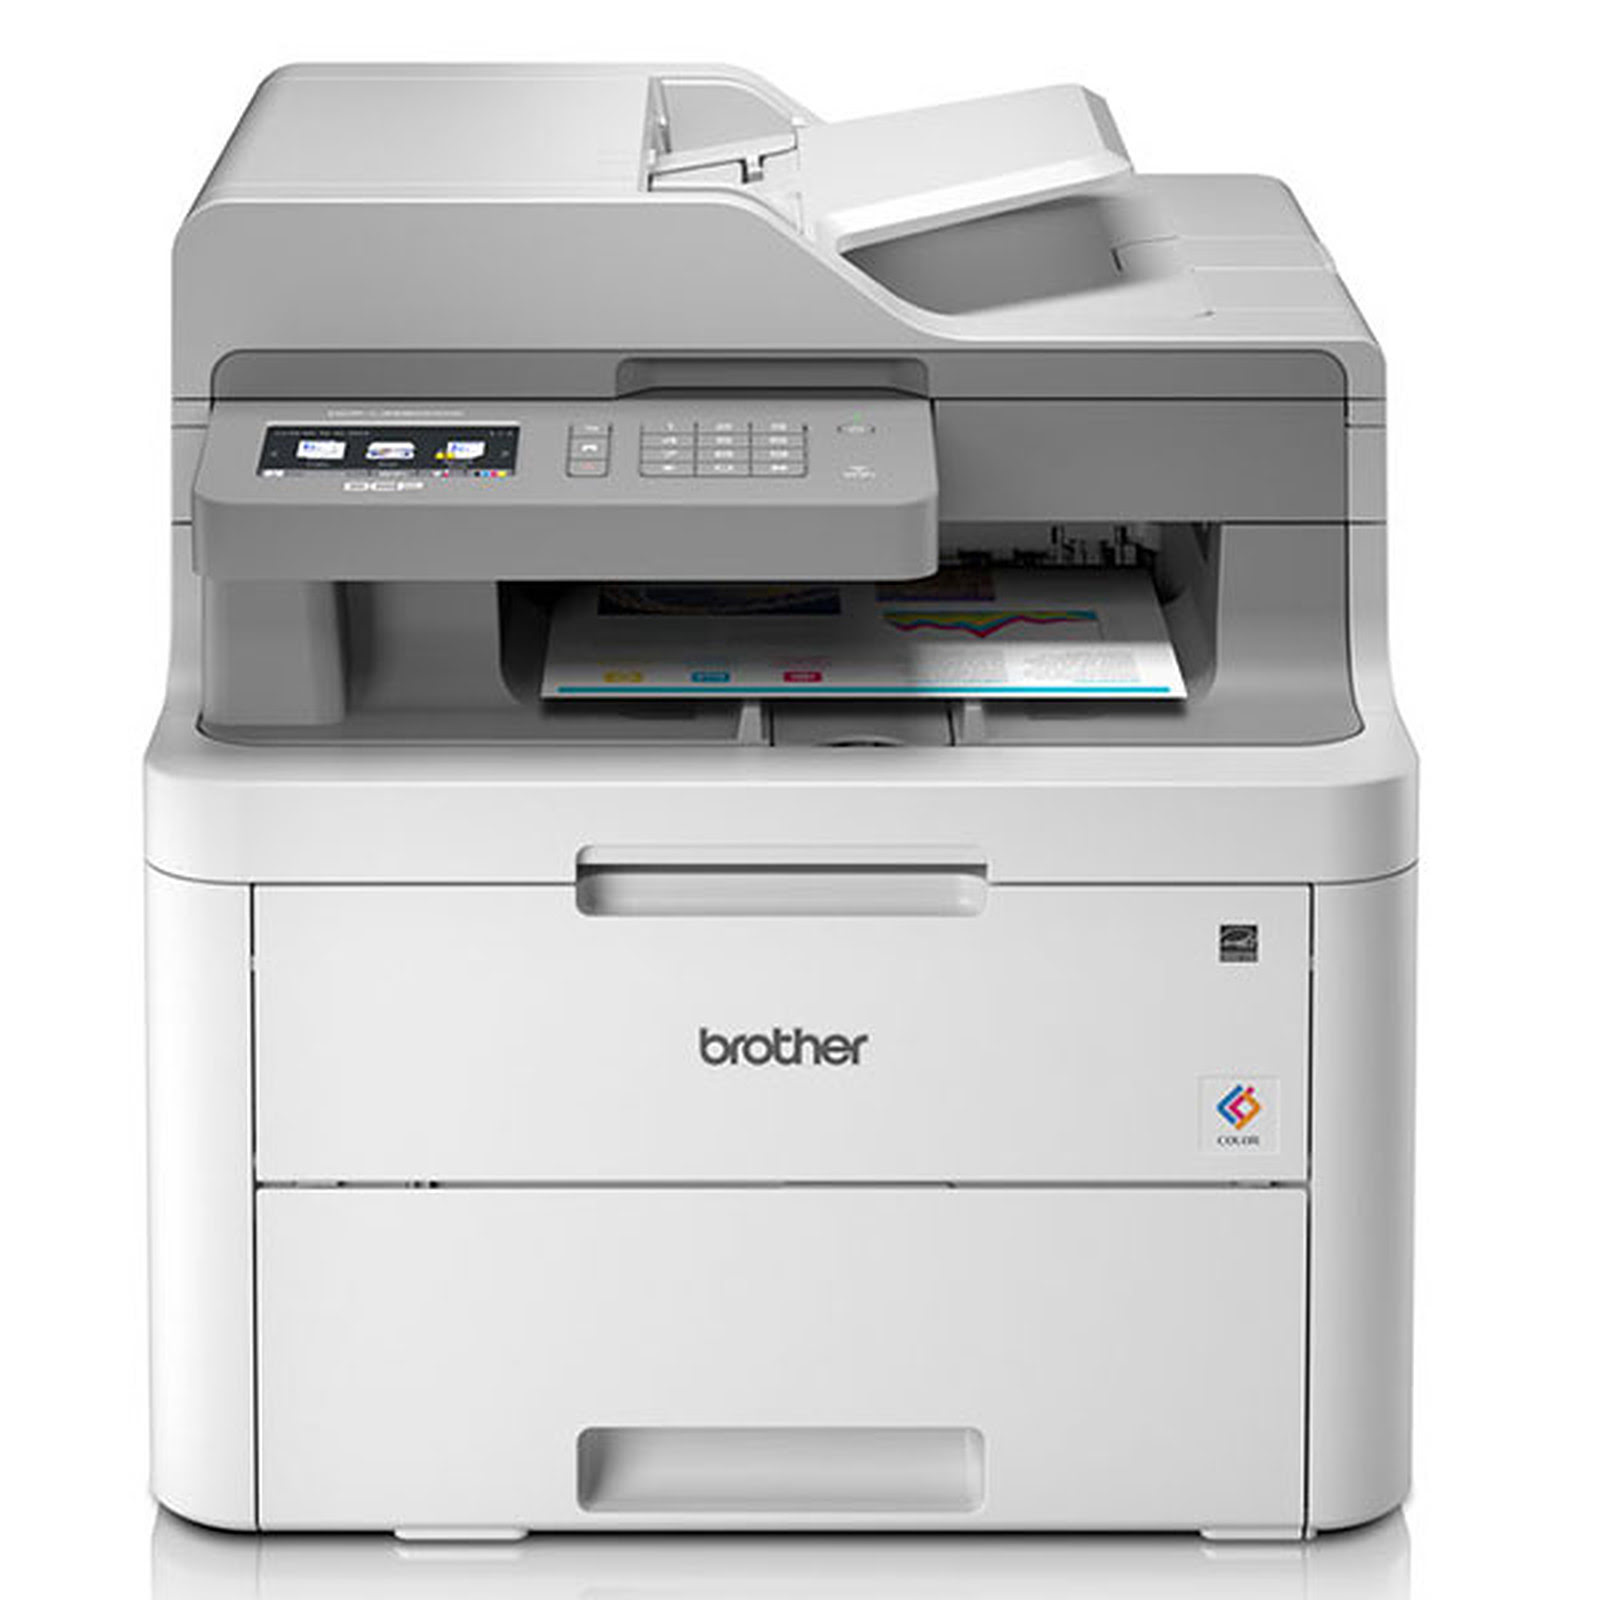 DCP-L3550CDW (DCPL3550CDWRF1) - Achat / Vente Imprimante multifonction sur Picata.fr - 0